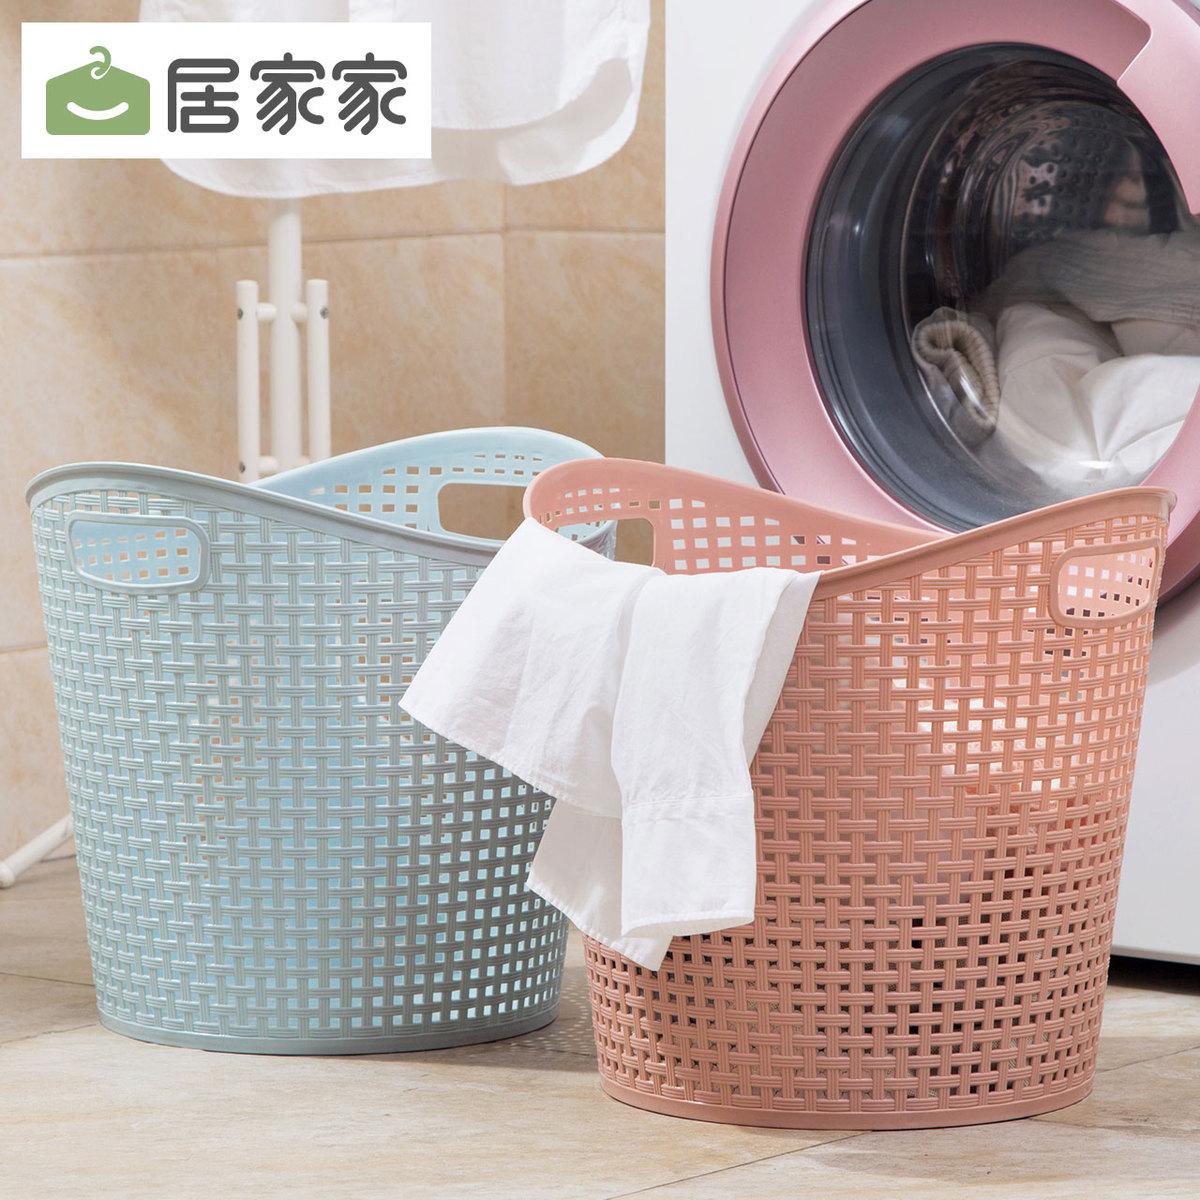 脏衣篓塑料脏衣篮卫生间洗衣篮浴室衣物收纳脏衣服玩具收纳筐篮子